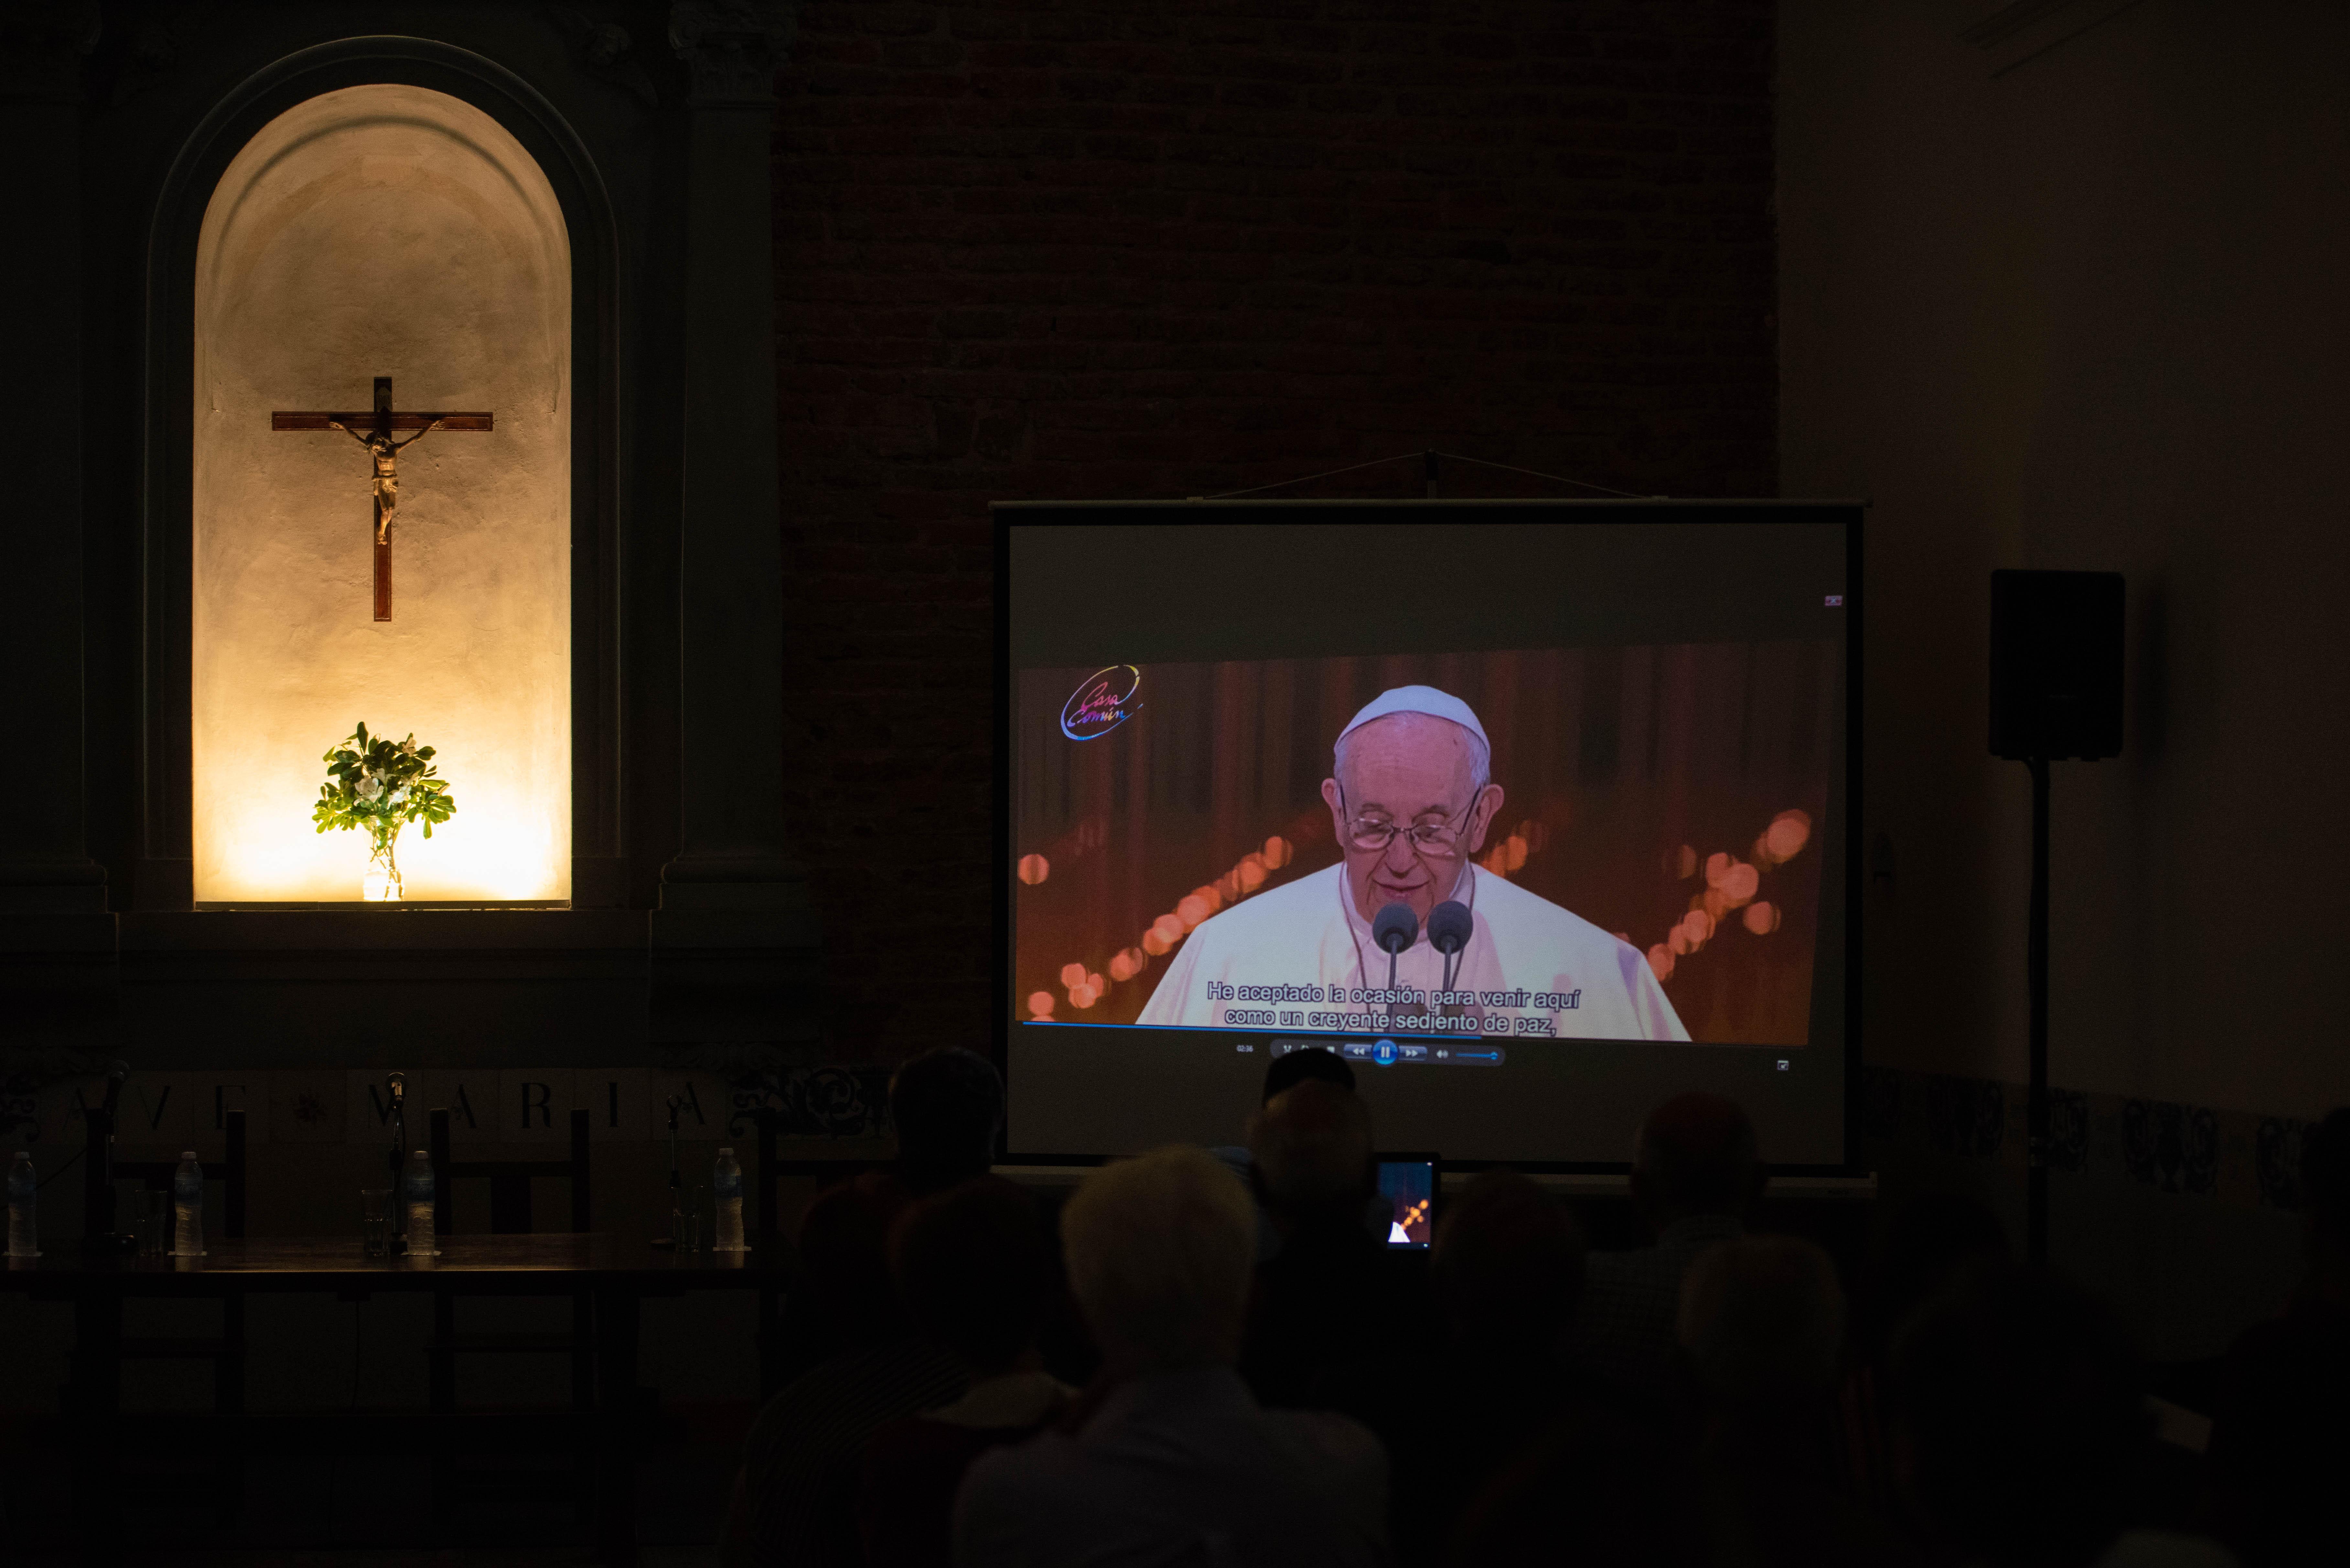 La entidad civil hizo una síntesis con un video que incluye los momentos claves del pontificado del Papa Francisco.